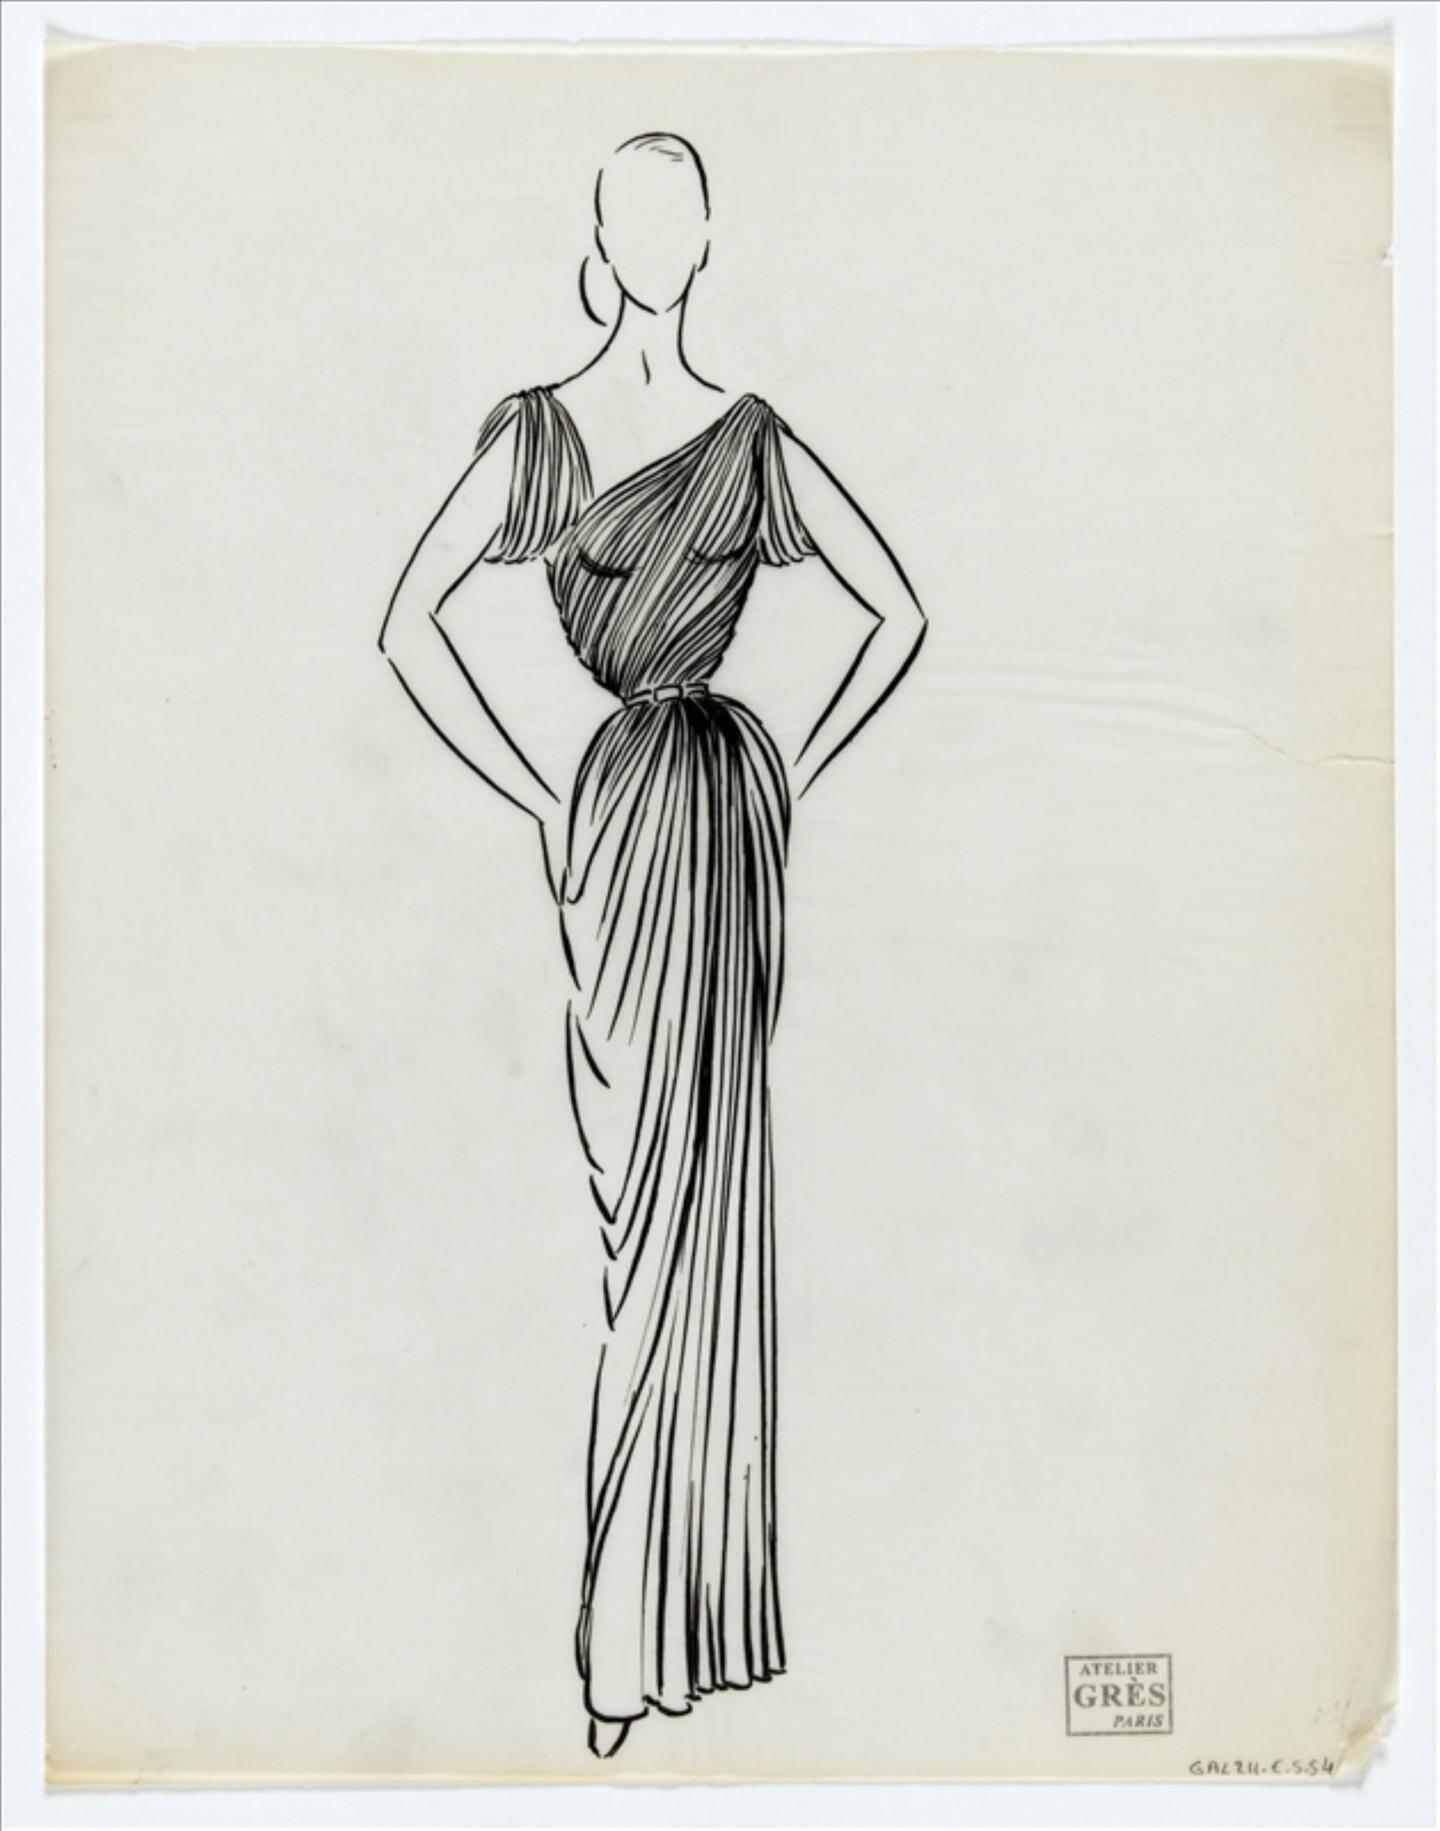 Dessin d'une robe du soir plissée. Encre de Chine sur calque, printemps-été 1950. Maison Grès